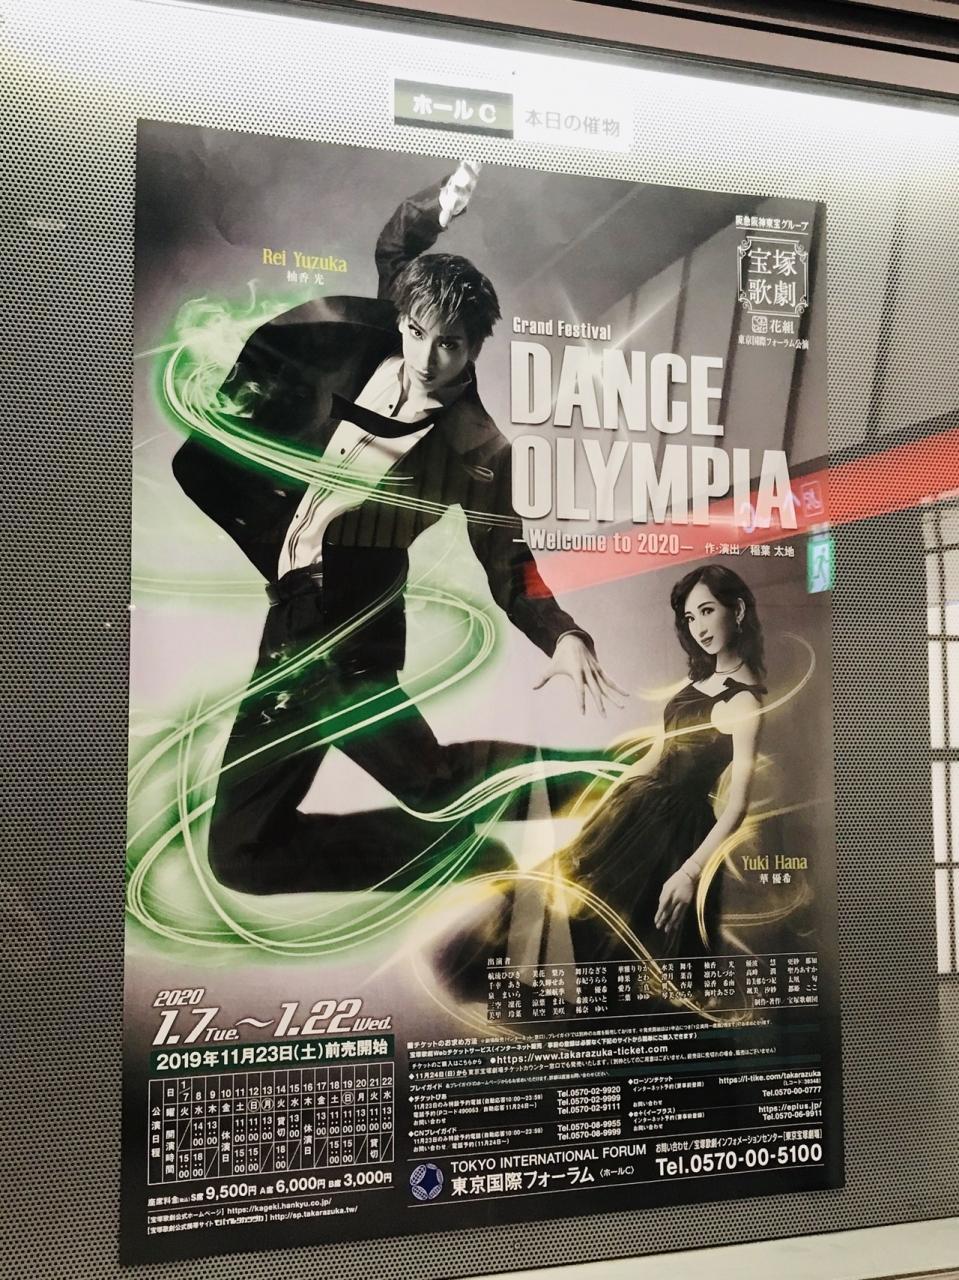 オリンピア ダンス